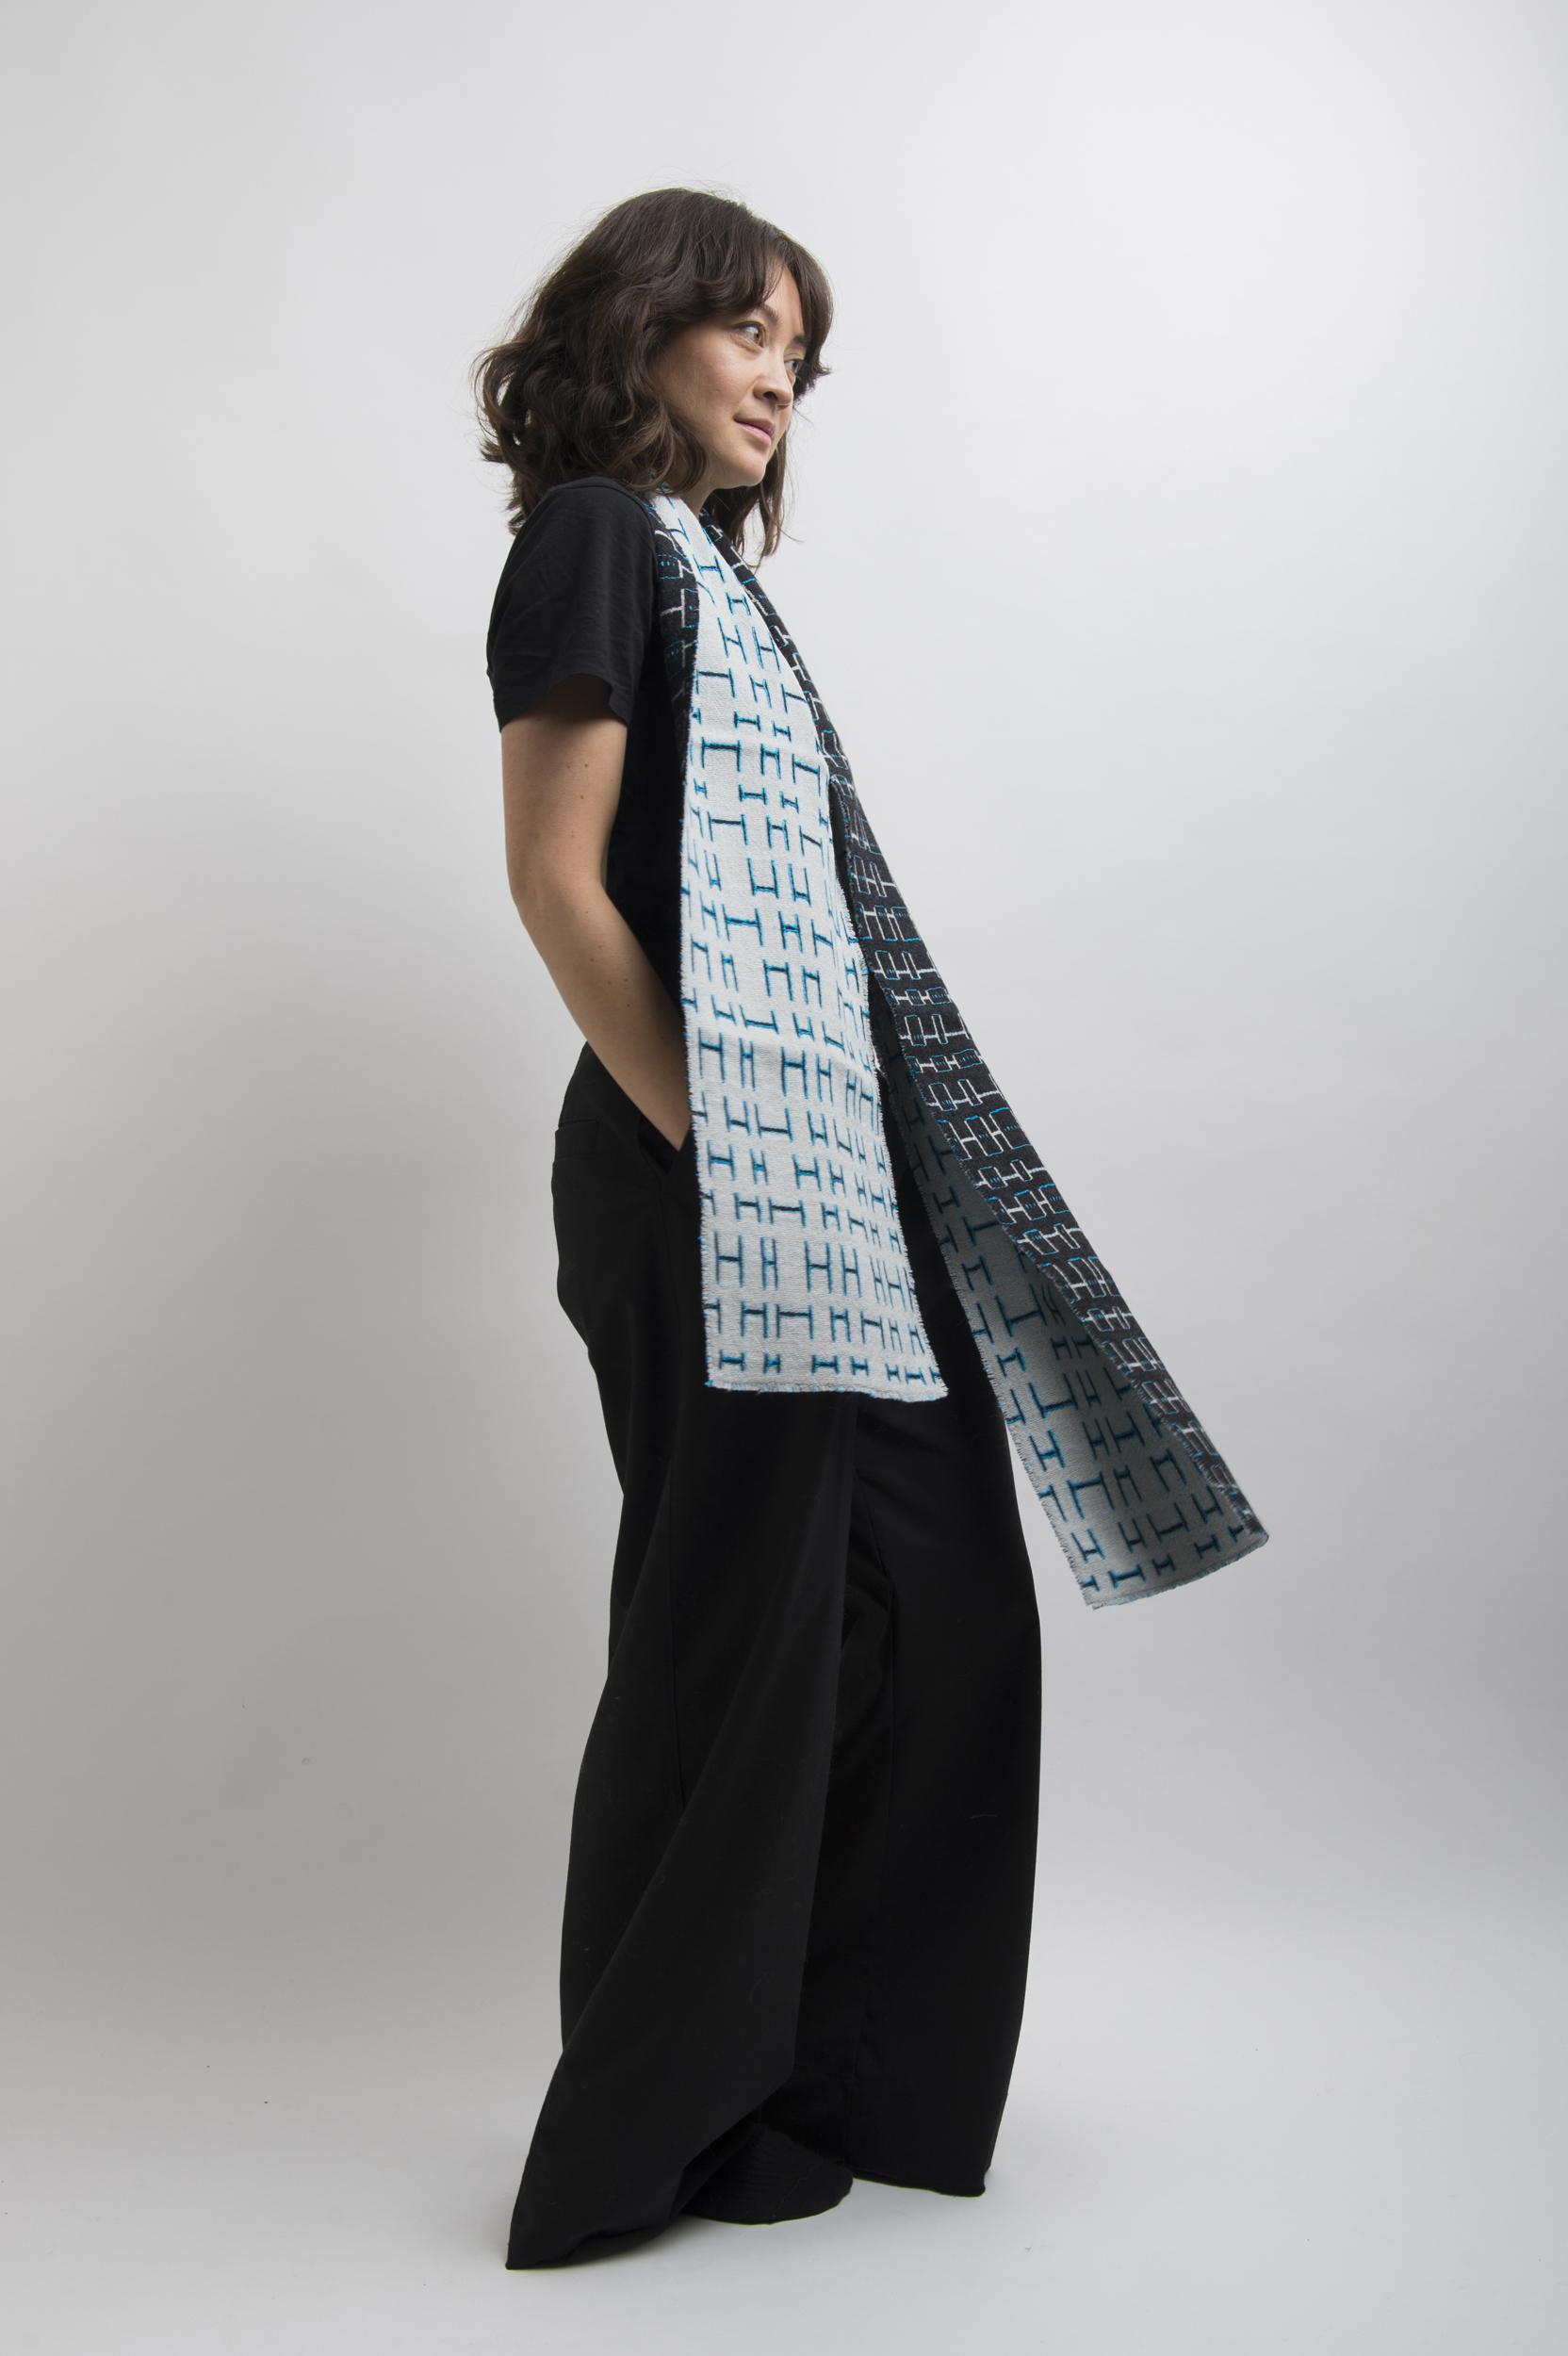 textiles-87 72.jpg